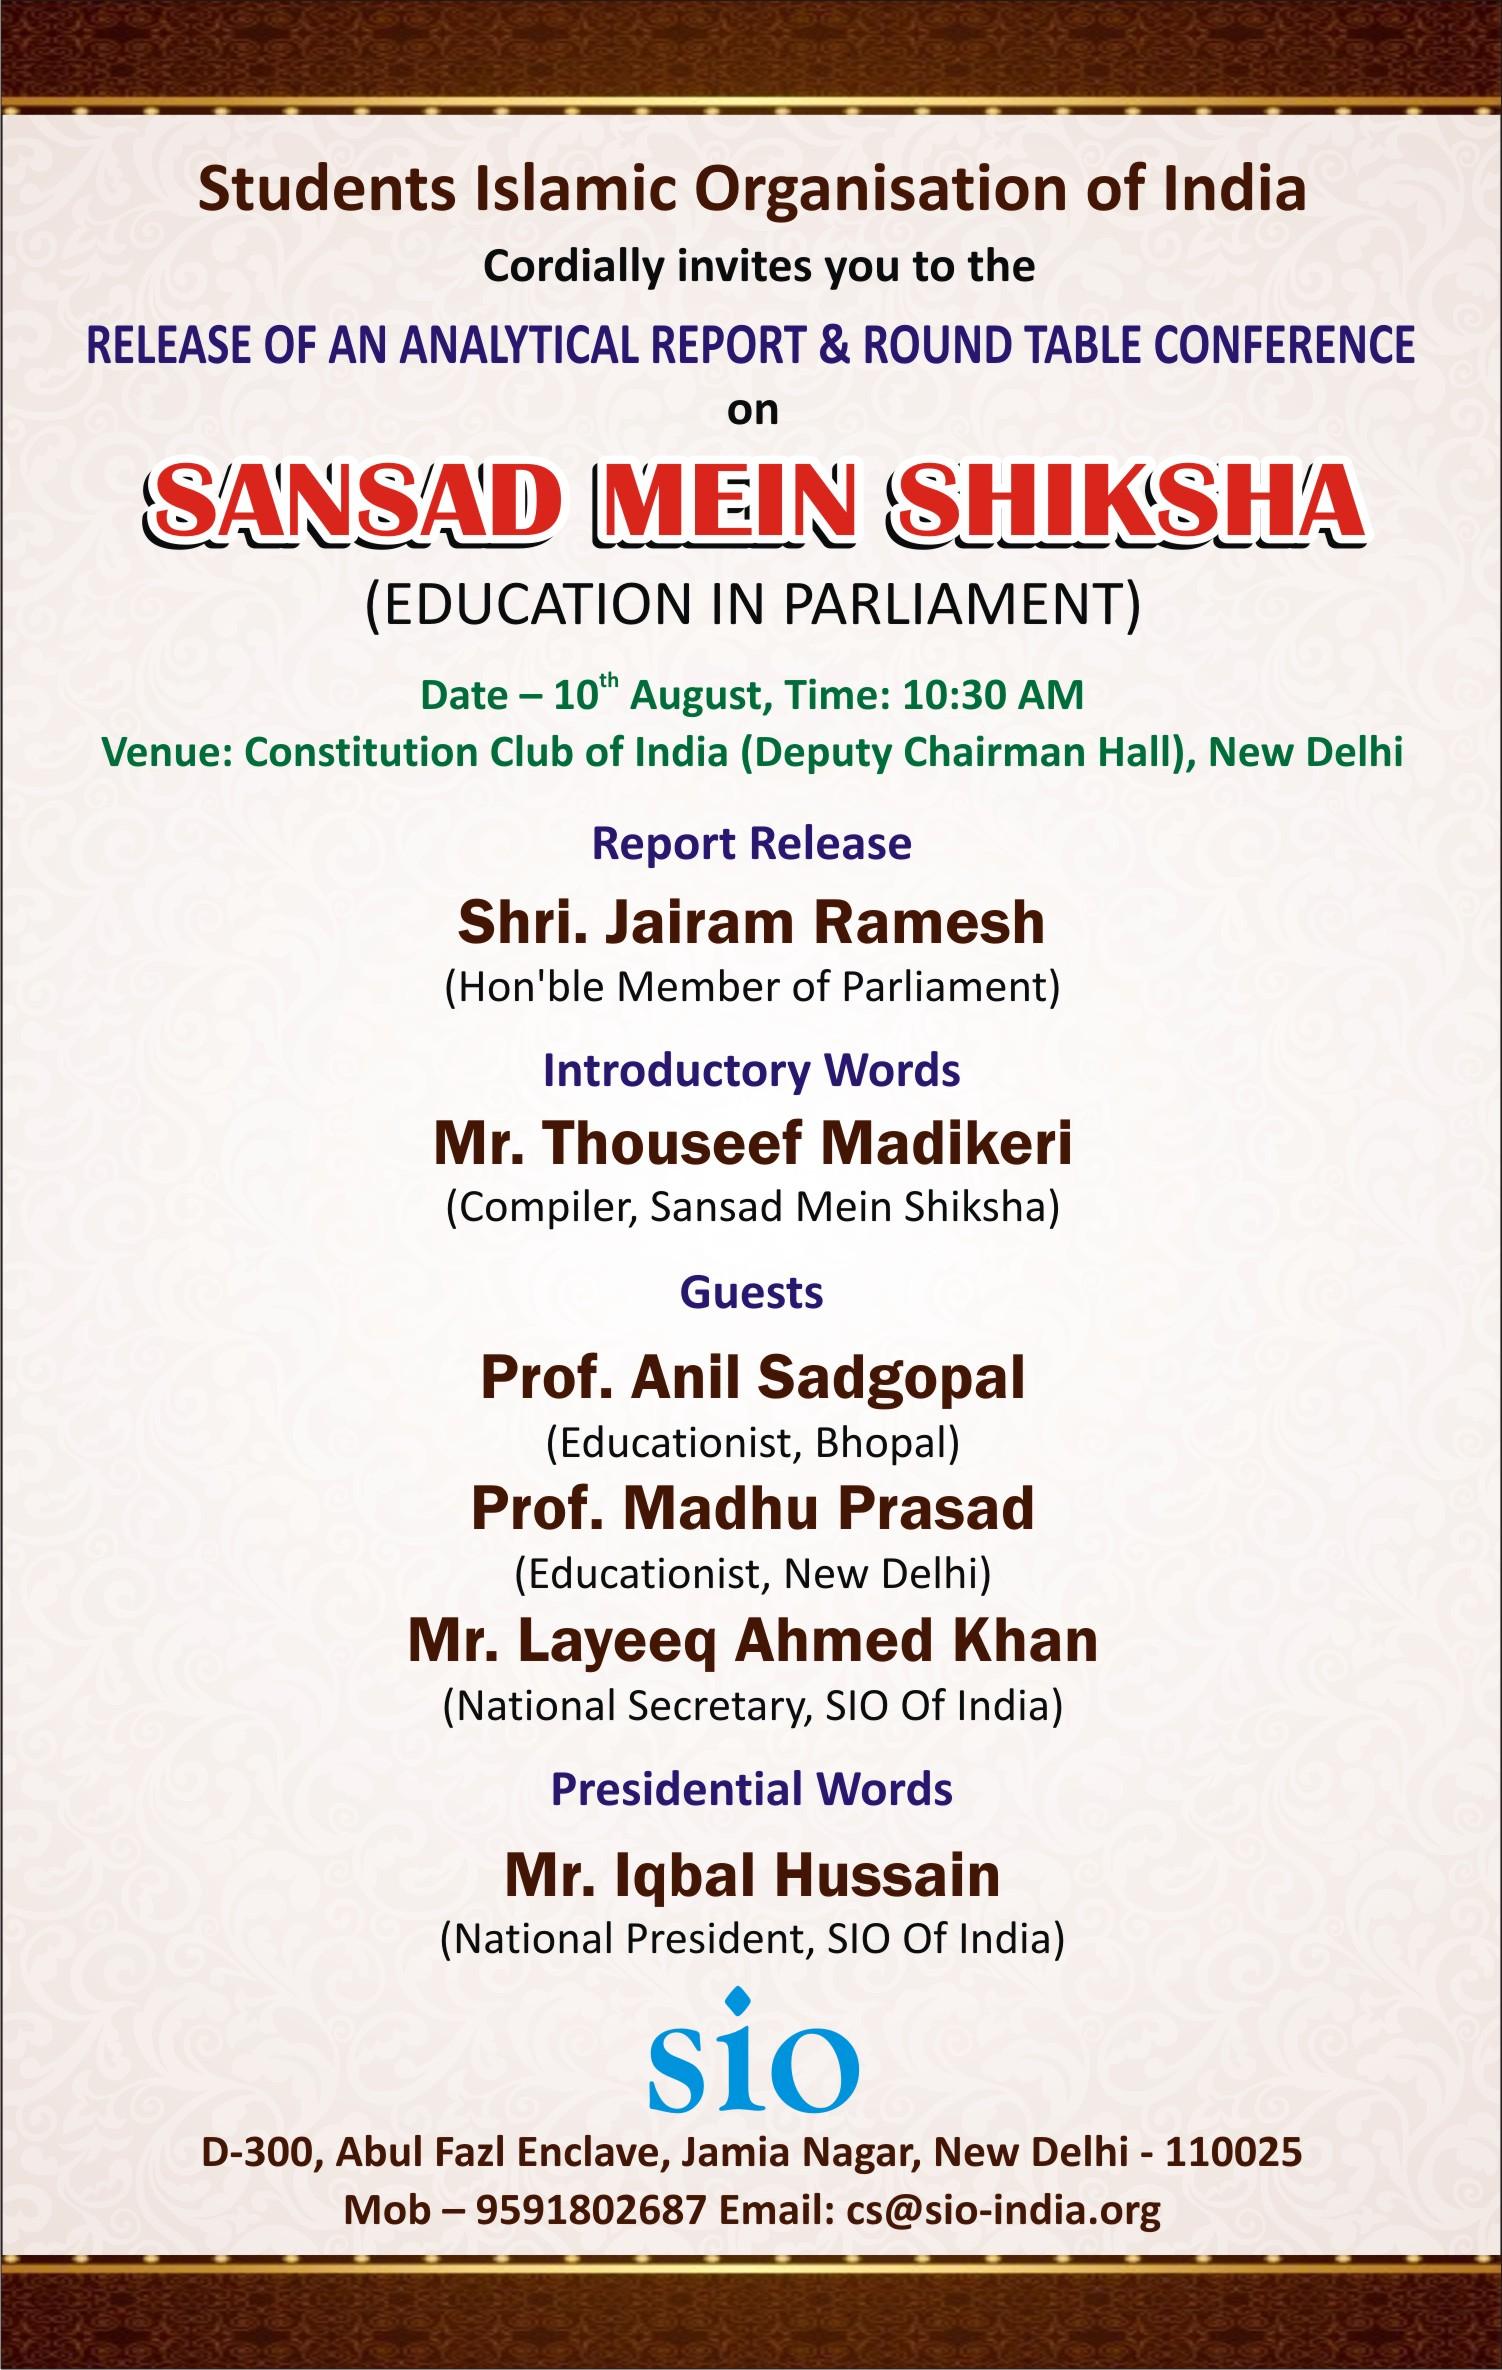 SIO of India cordially invites you to SANSAD MEIN SHIKSHA